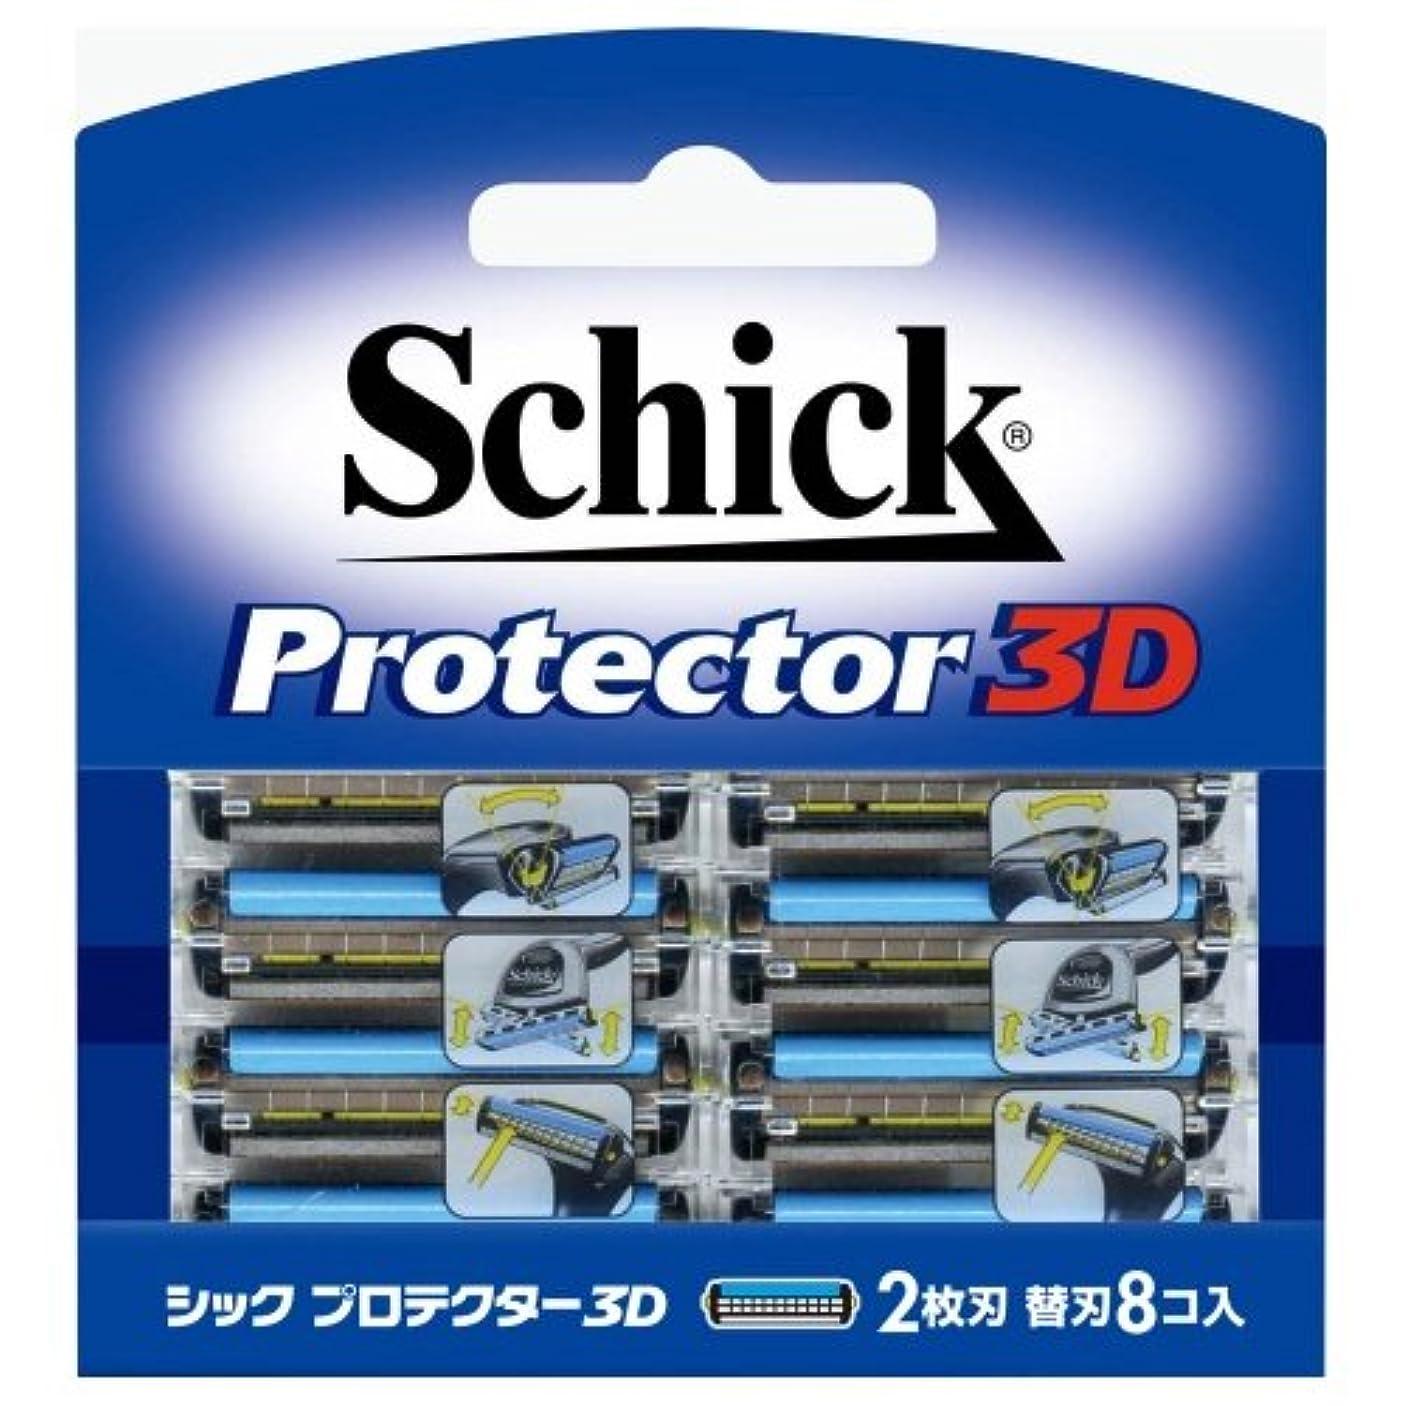 ロードされた管理アンソロジーシック プロテクター3D 替刃(8コ入)